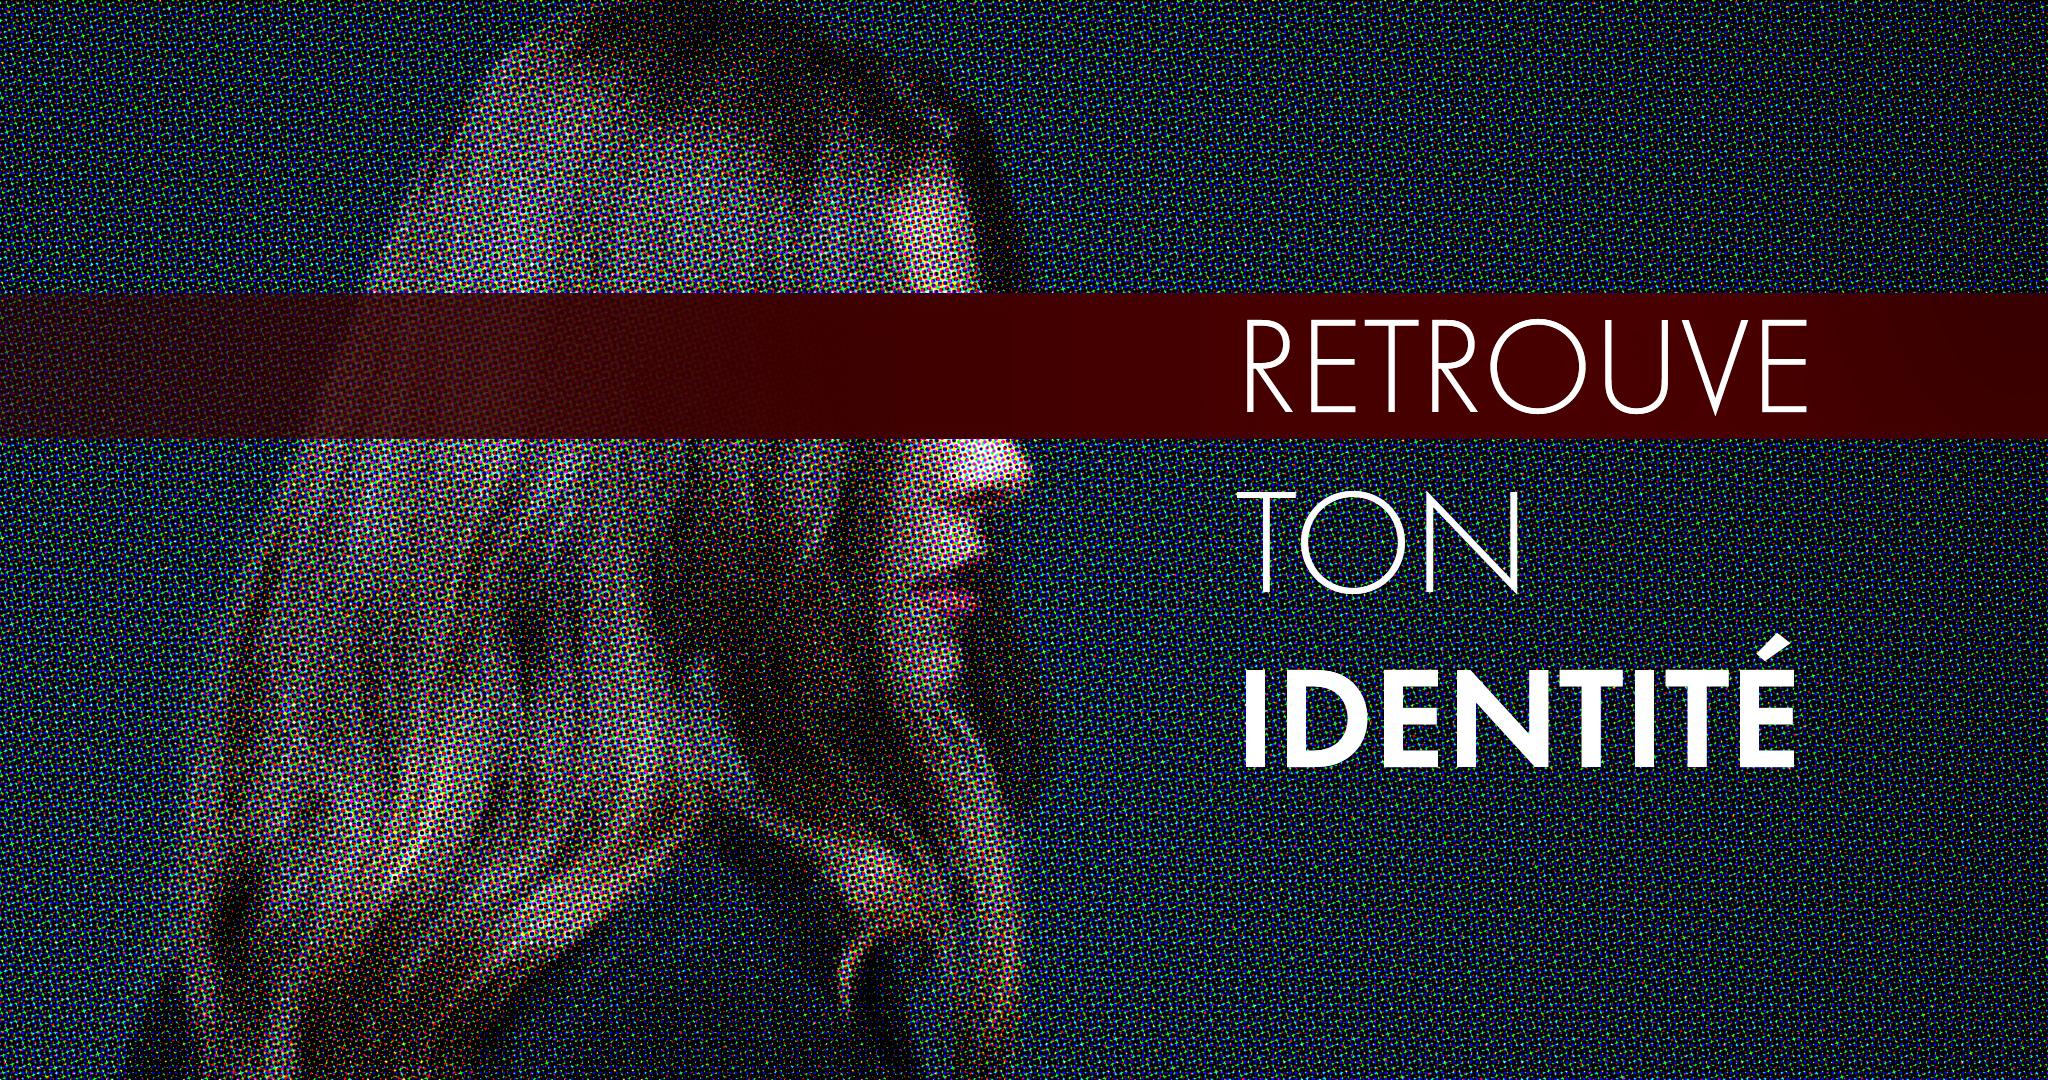 2019-07-28_LVC_Retrouve ton identité_v3.jpg